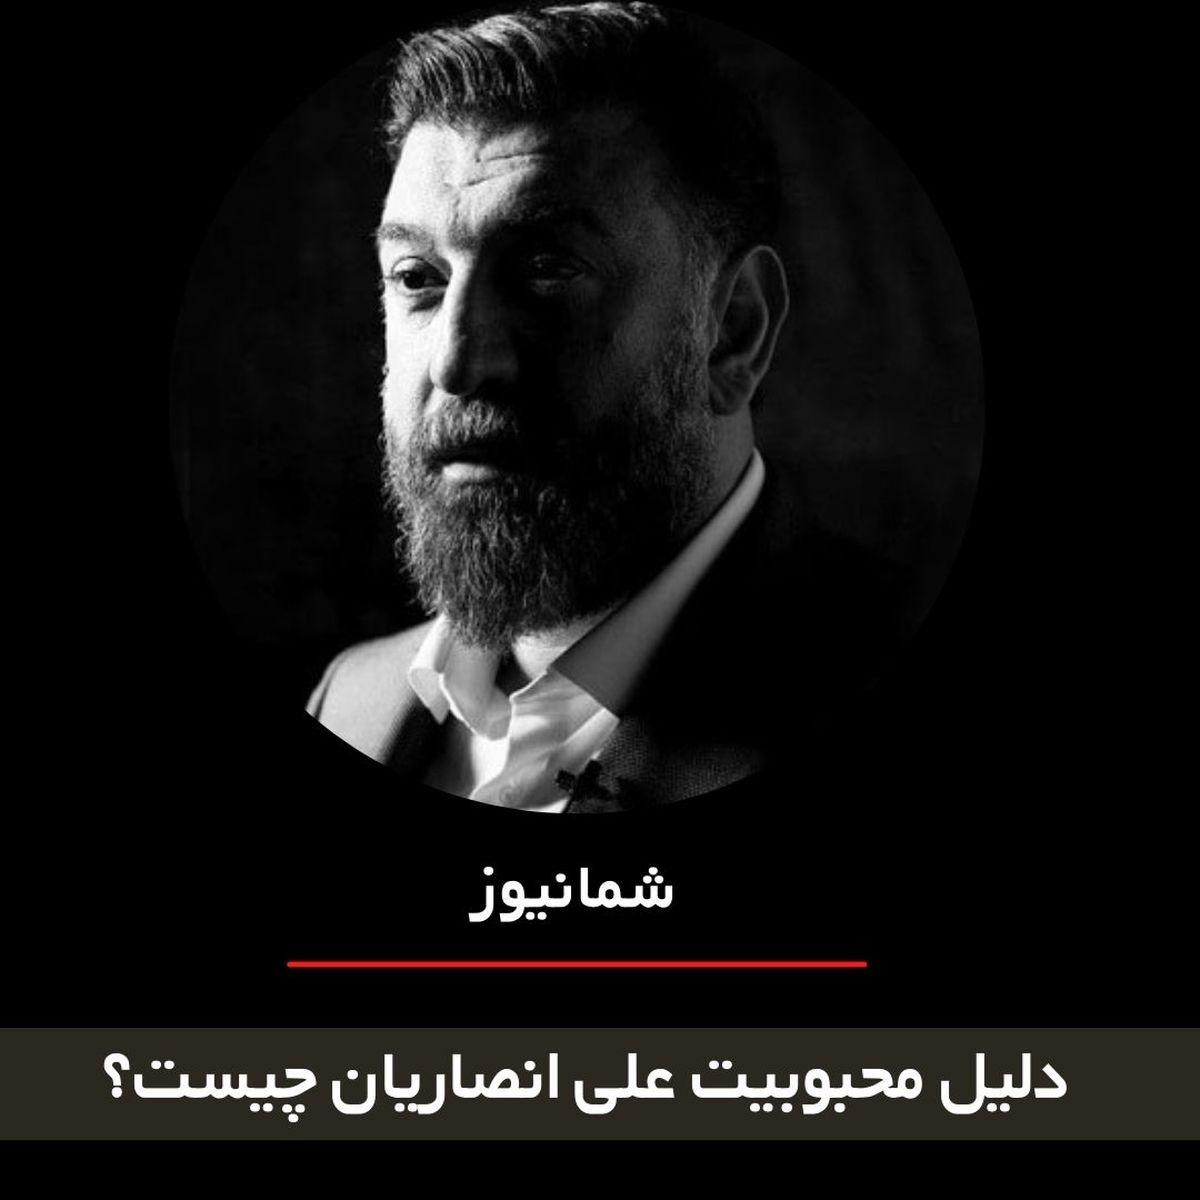 راز محبوبیت علی انصاریان توسط عموی روحانیش لورفت + فیلم